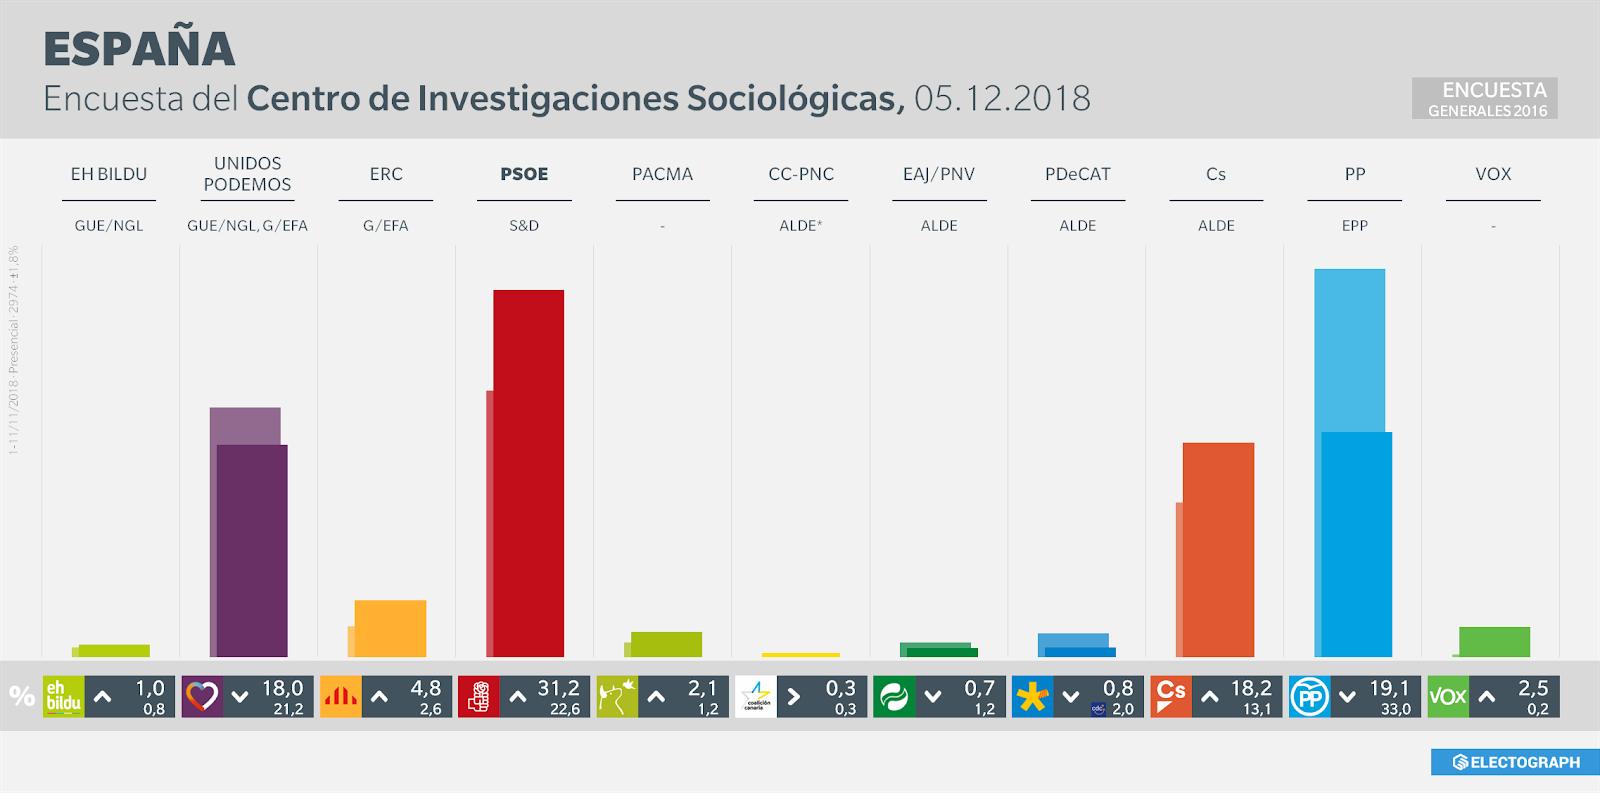 Gráfico de la encuesta para elecciones generales en España realizada por el CIS en noviembre de 2018